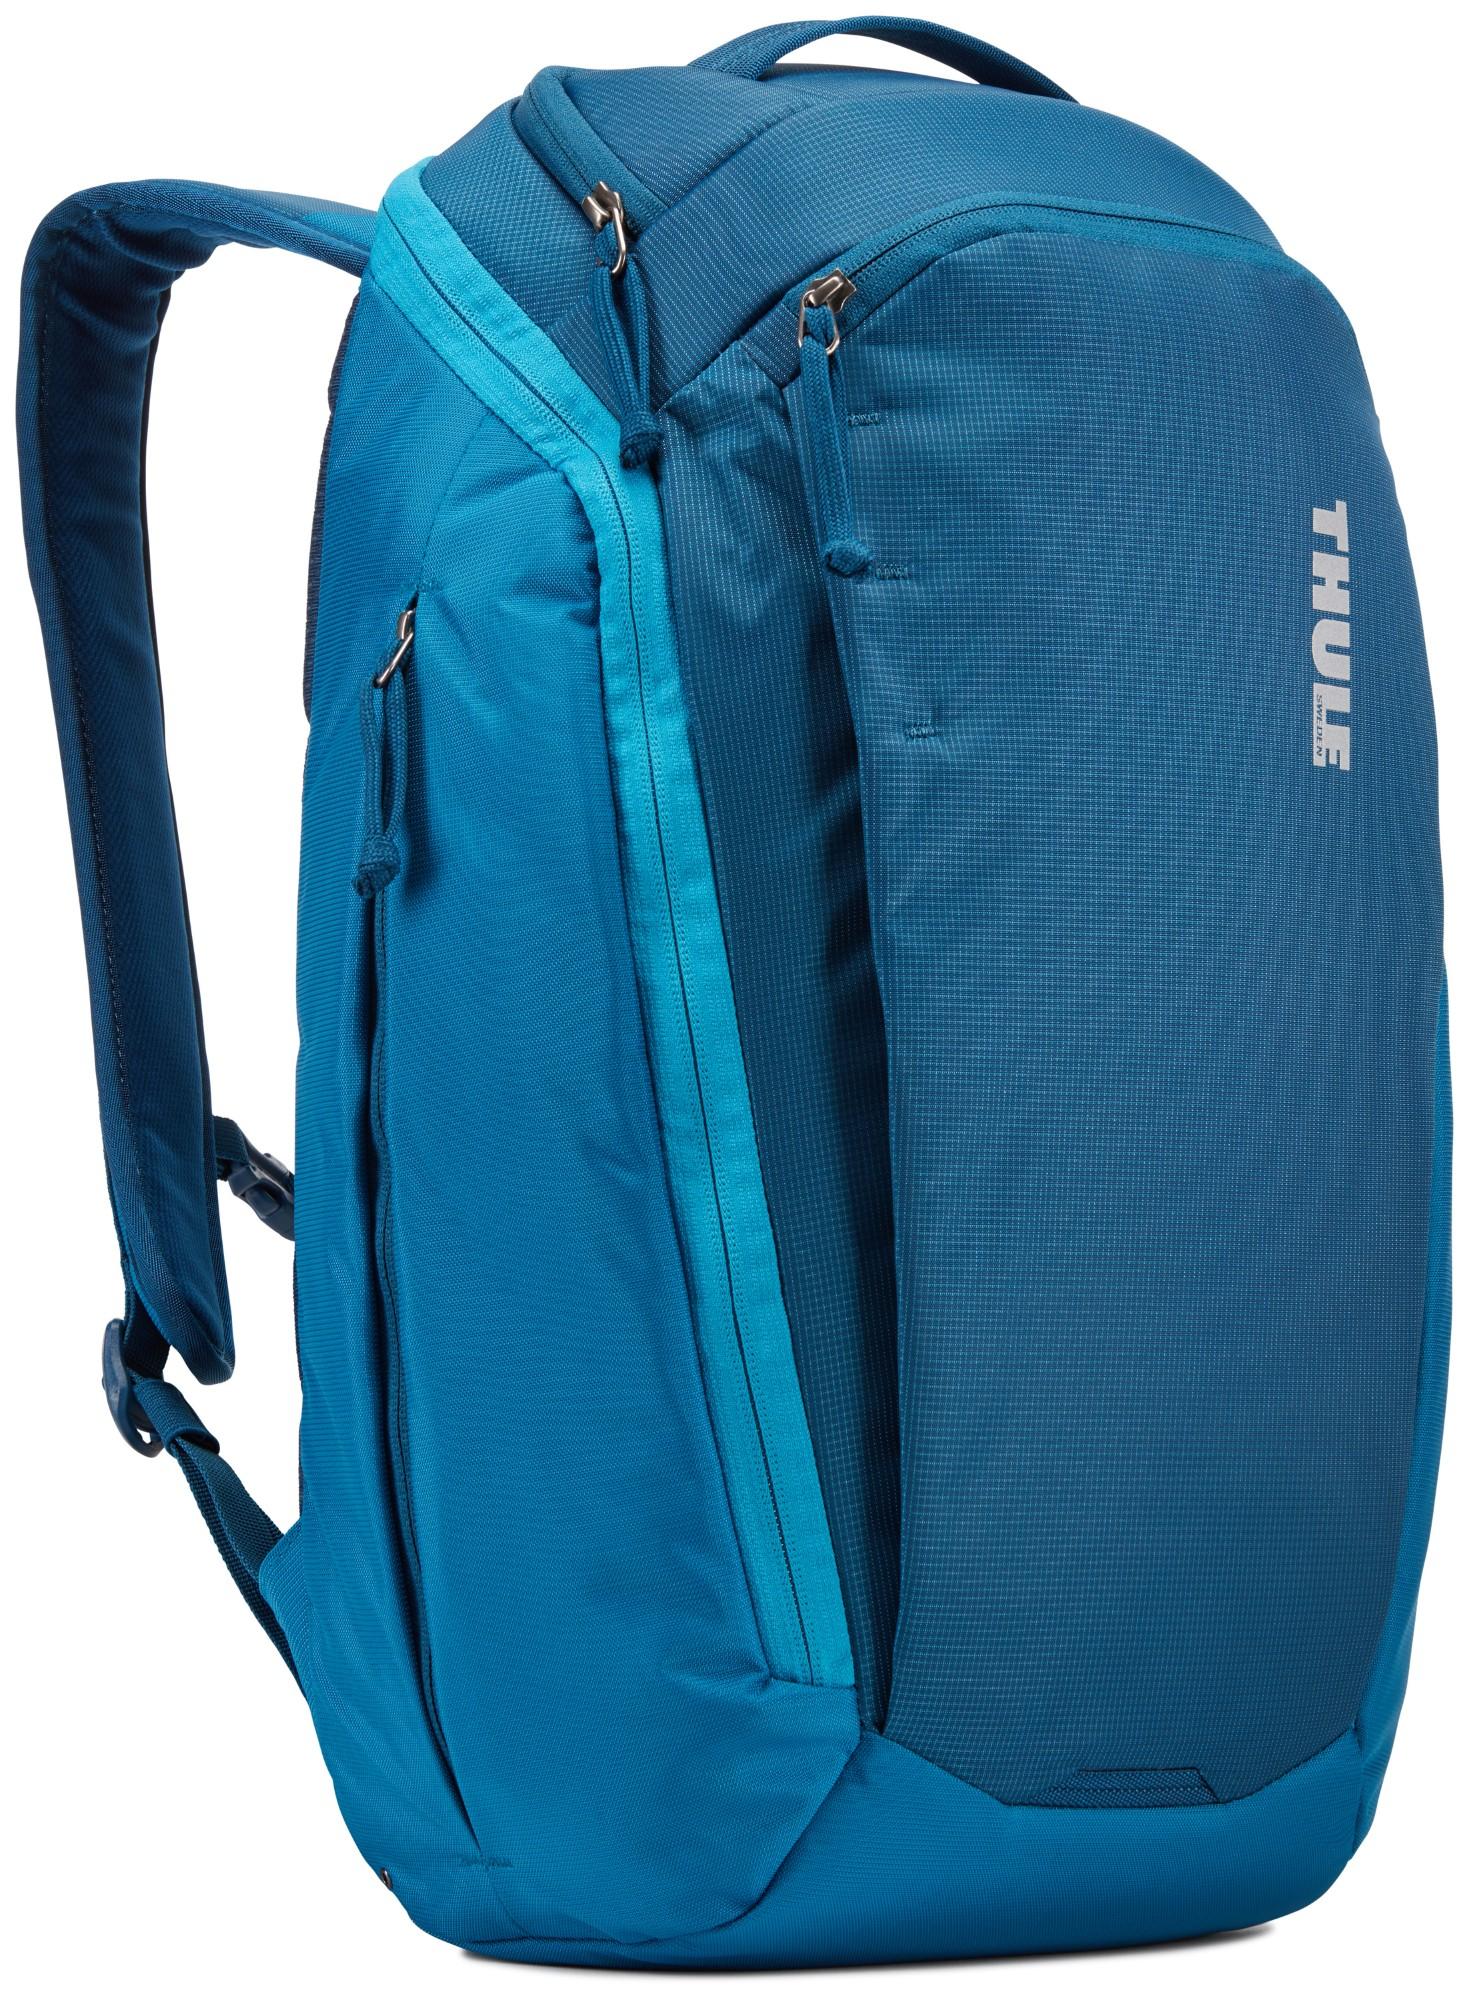 Thule EnRoute rugzak Nylon,Polyester Blauw